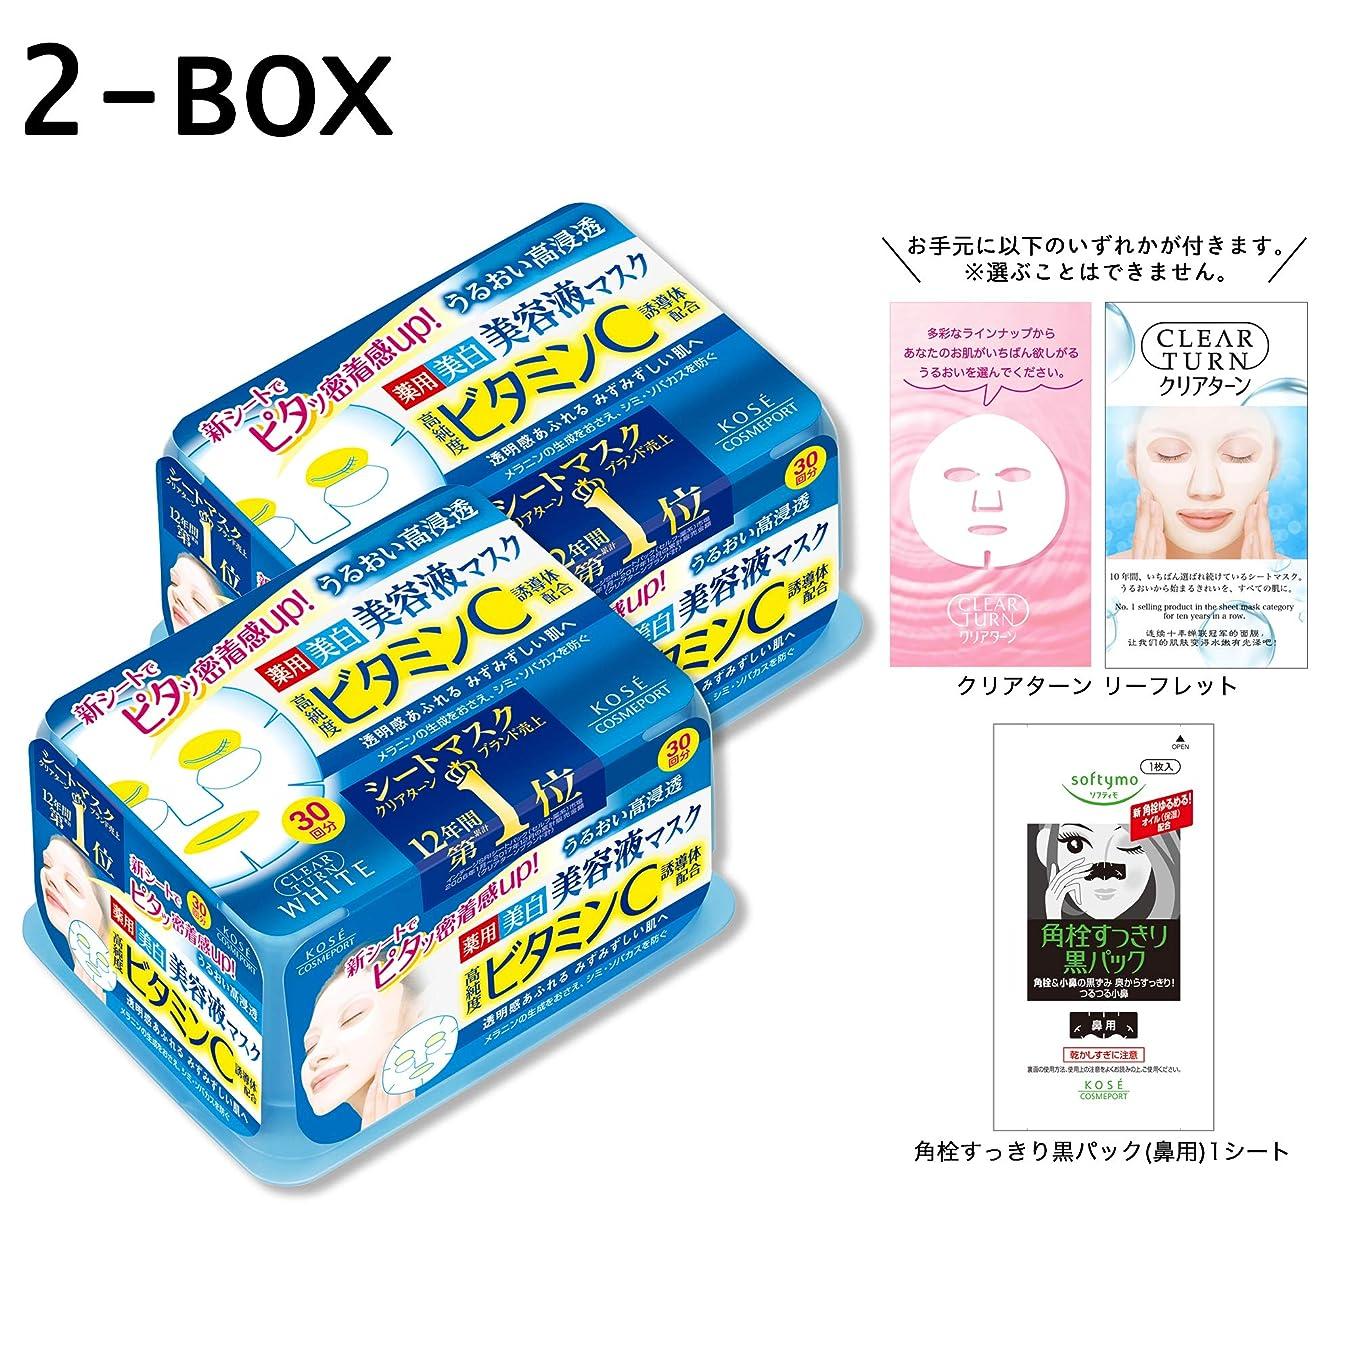 届けるこれらメリー【Amazon.co.jp限定】KOSE クリアターン エッセンスマスク (ビタミンC) 30回 2P+おまけ フェイスマスク (医薬部外品)